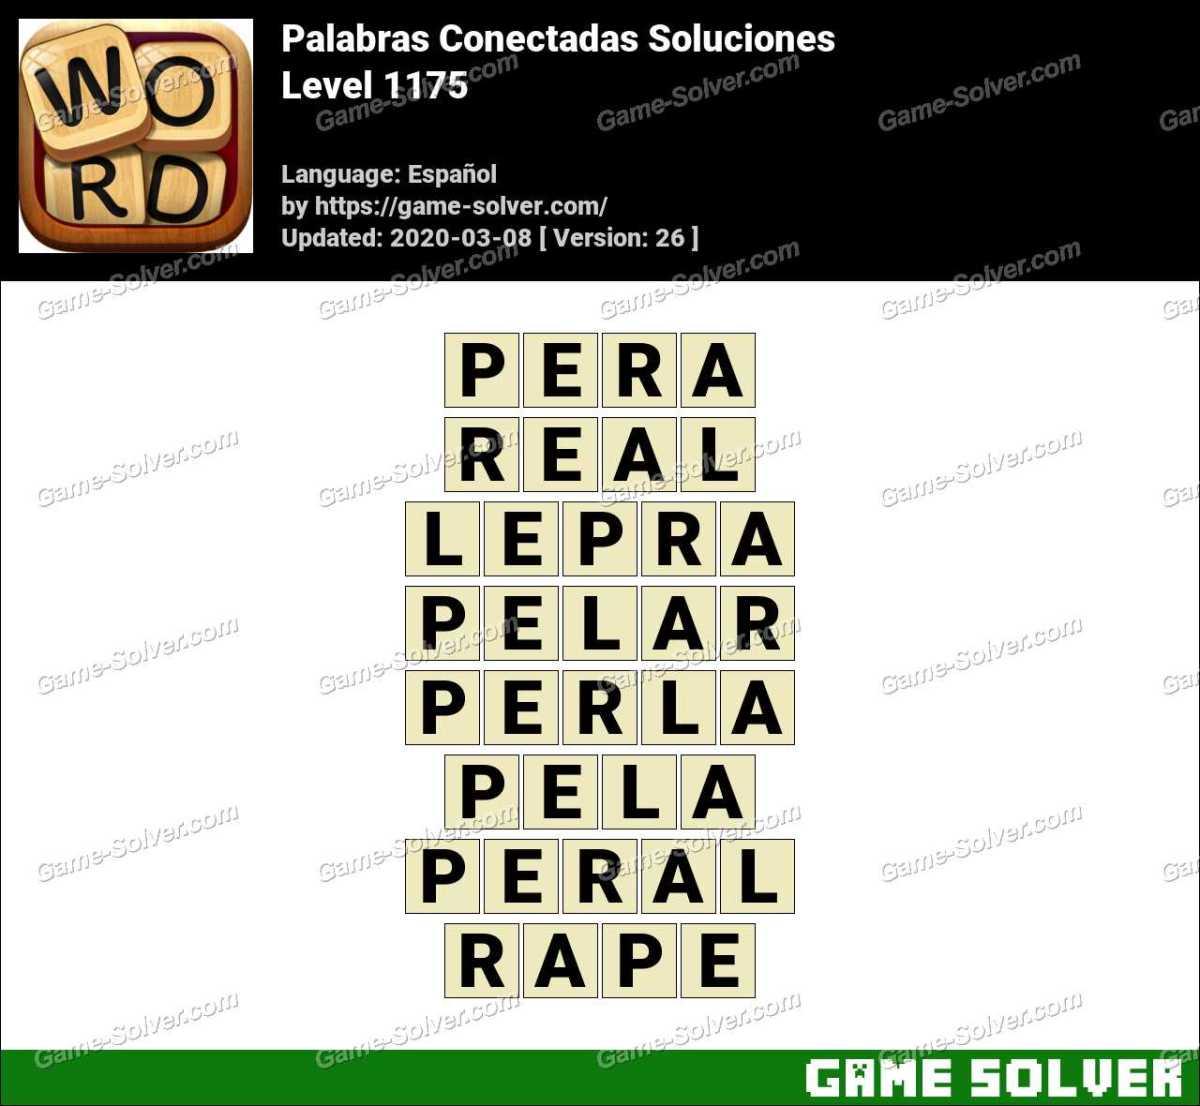 Palabras Conectadas Nivel 1175 Soluciones